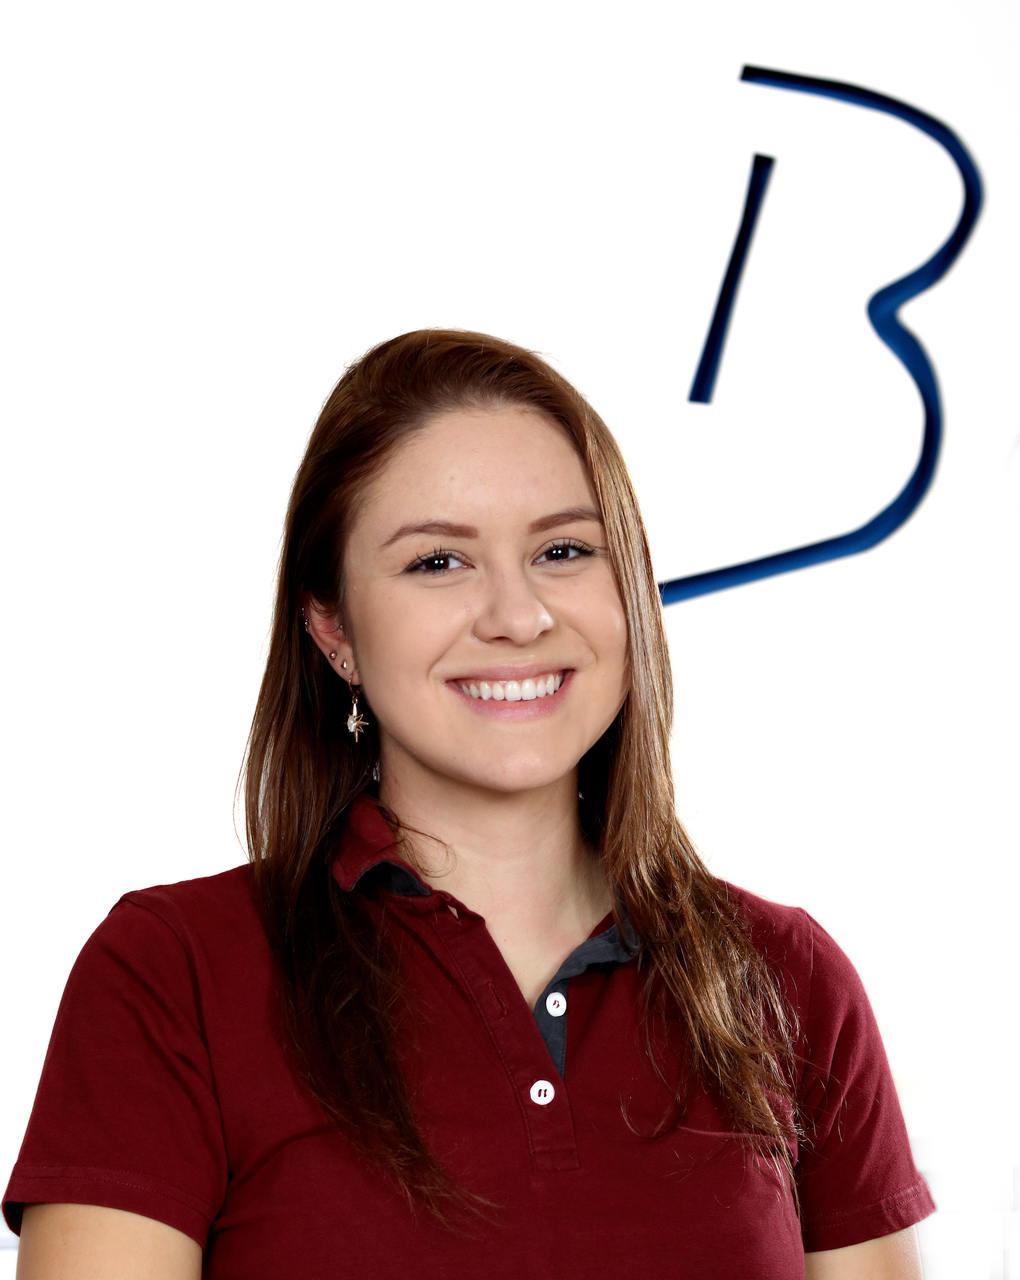 Laura Berna da Silva